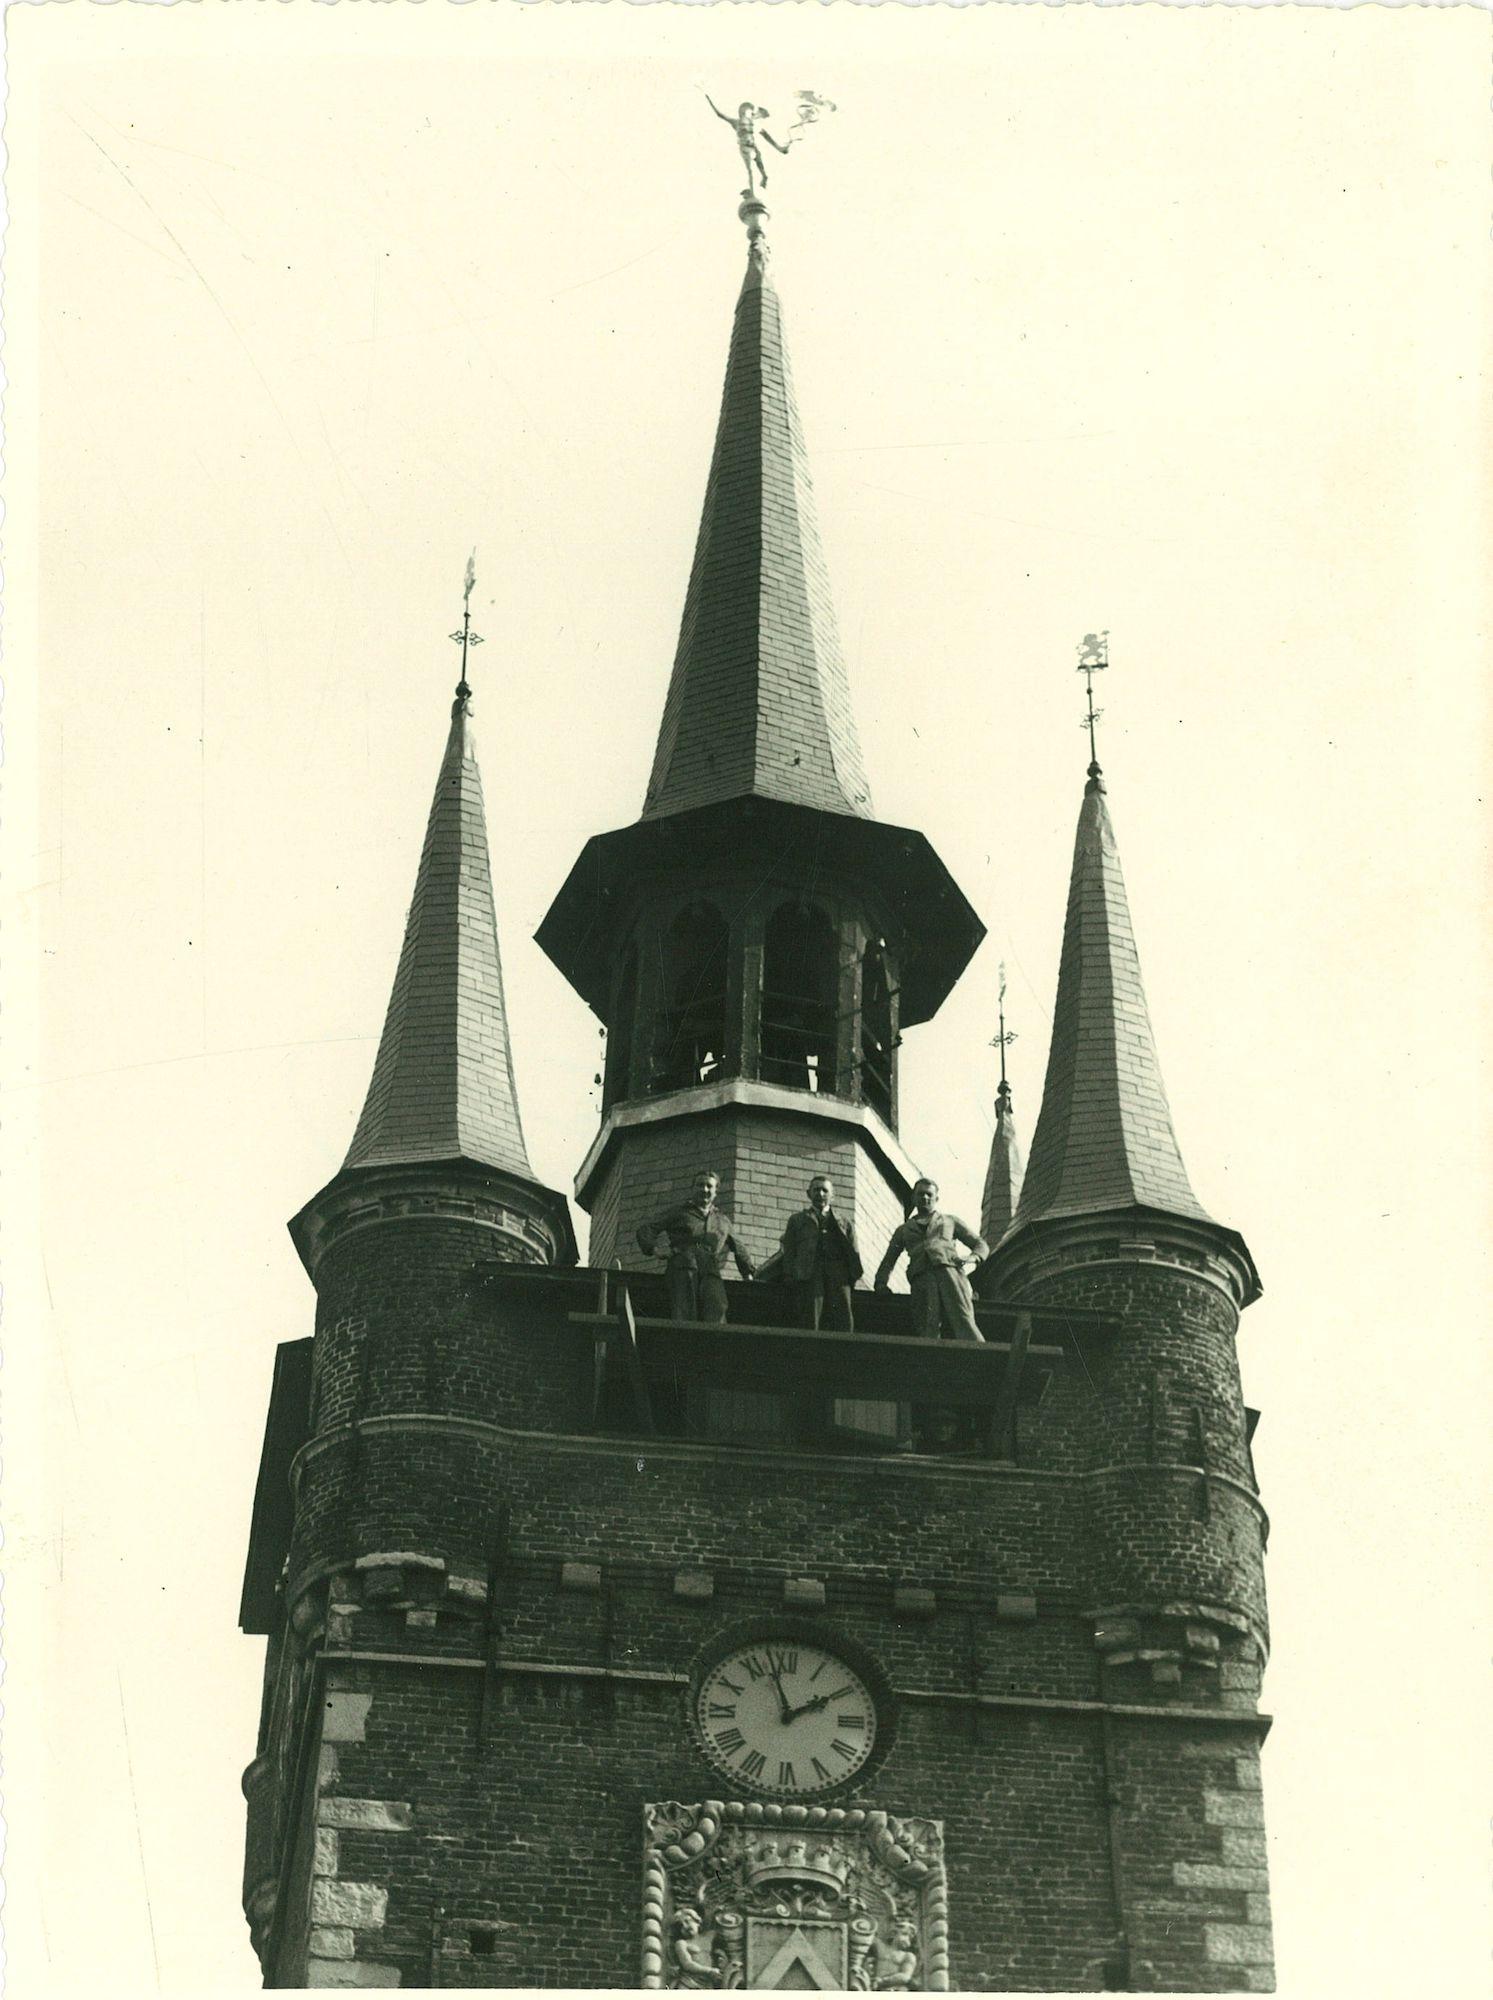 Halletoren montage van de nieuwe klokkenluiders Manten en Kalle 1961